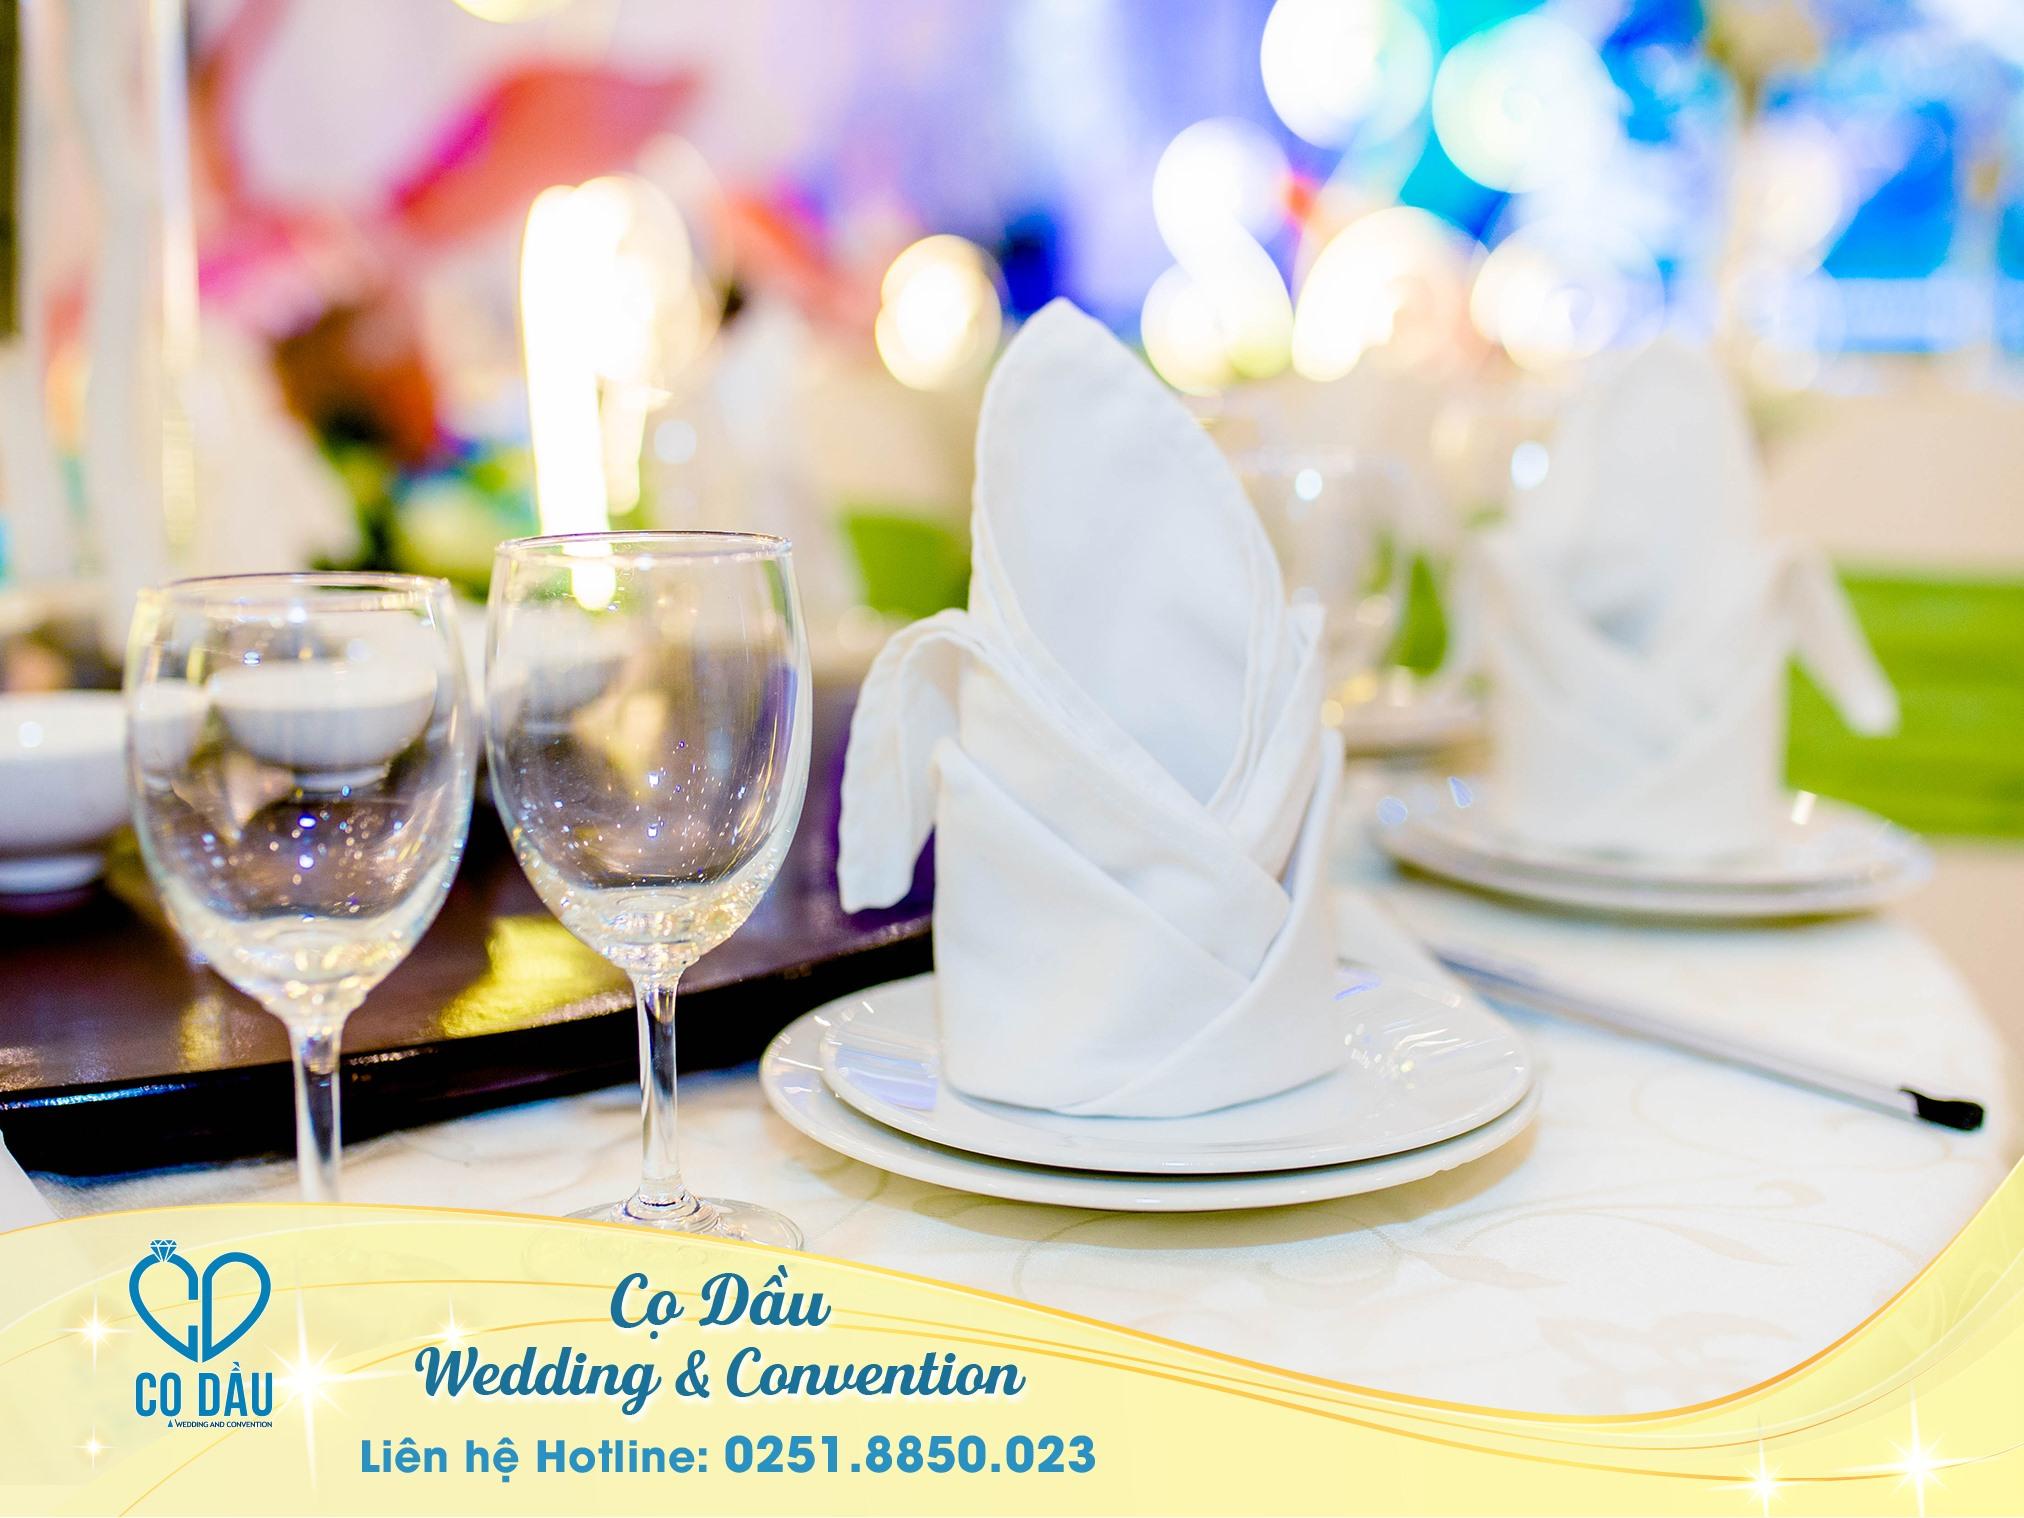 sảnh cưới nhà hàng cọ dầu Biên Hòa